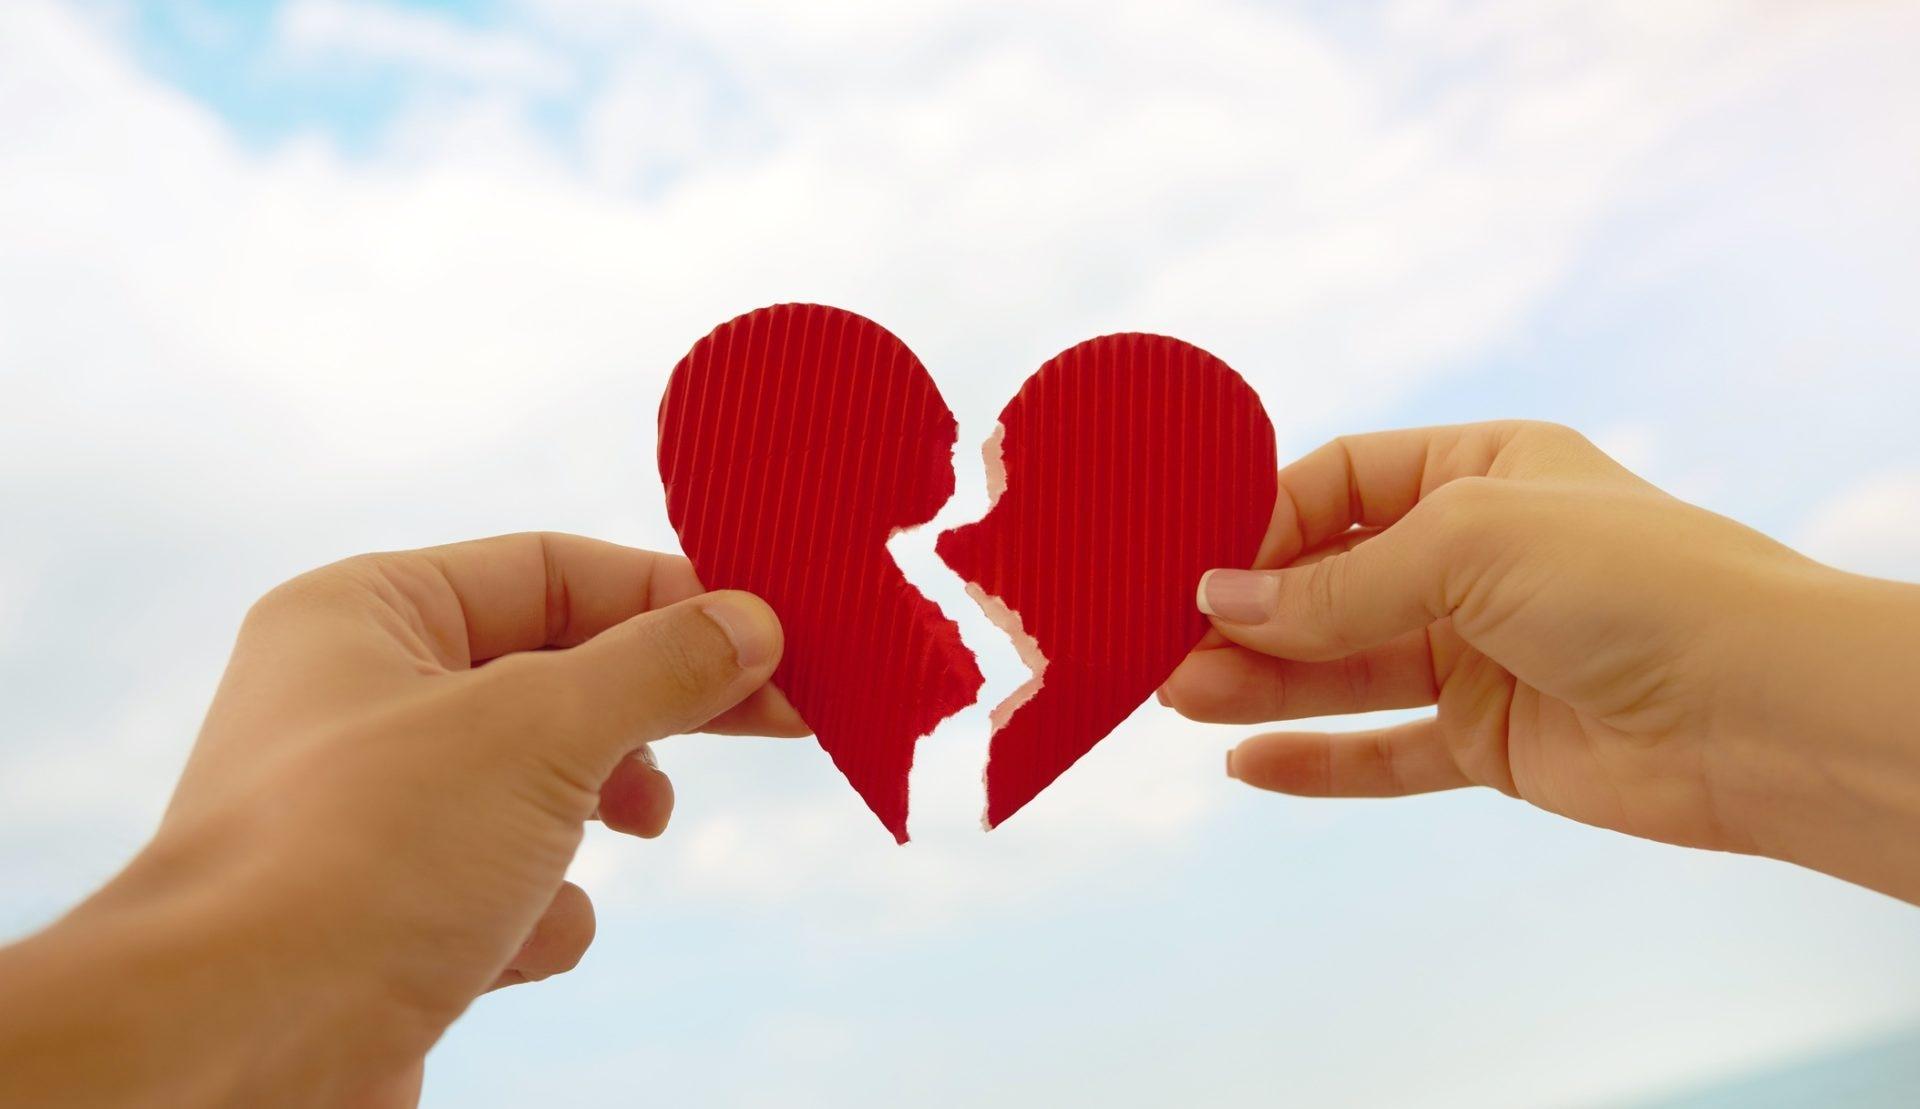 corazon-roto-bbva